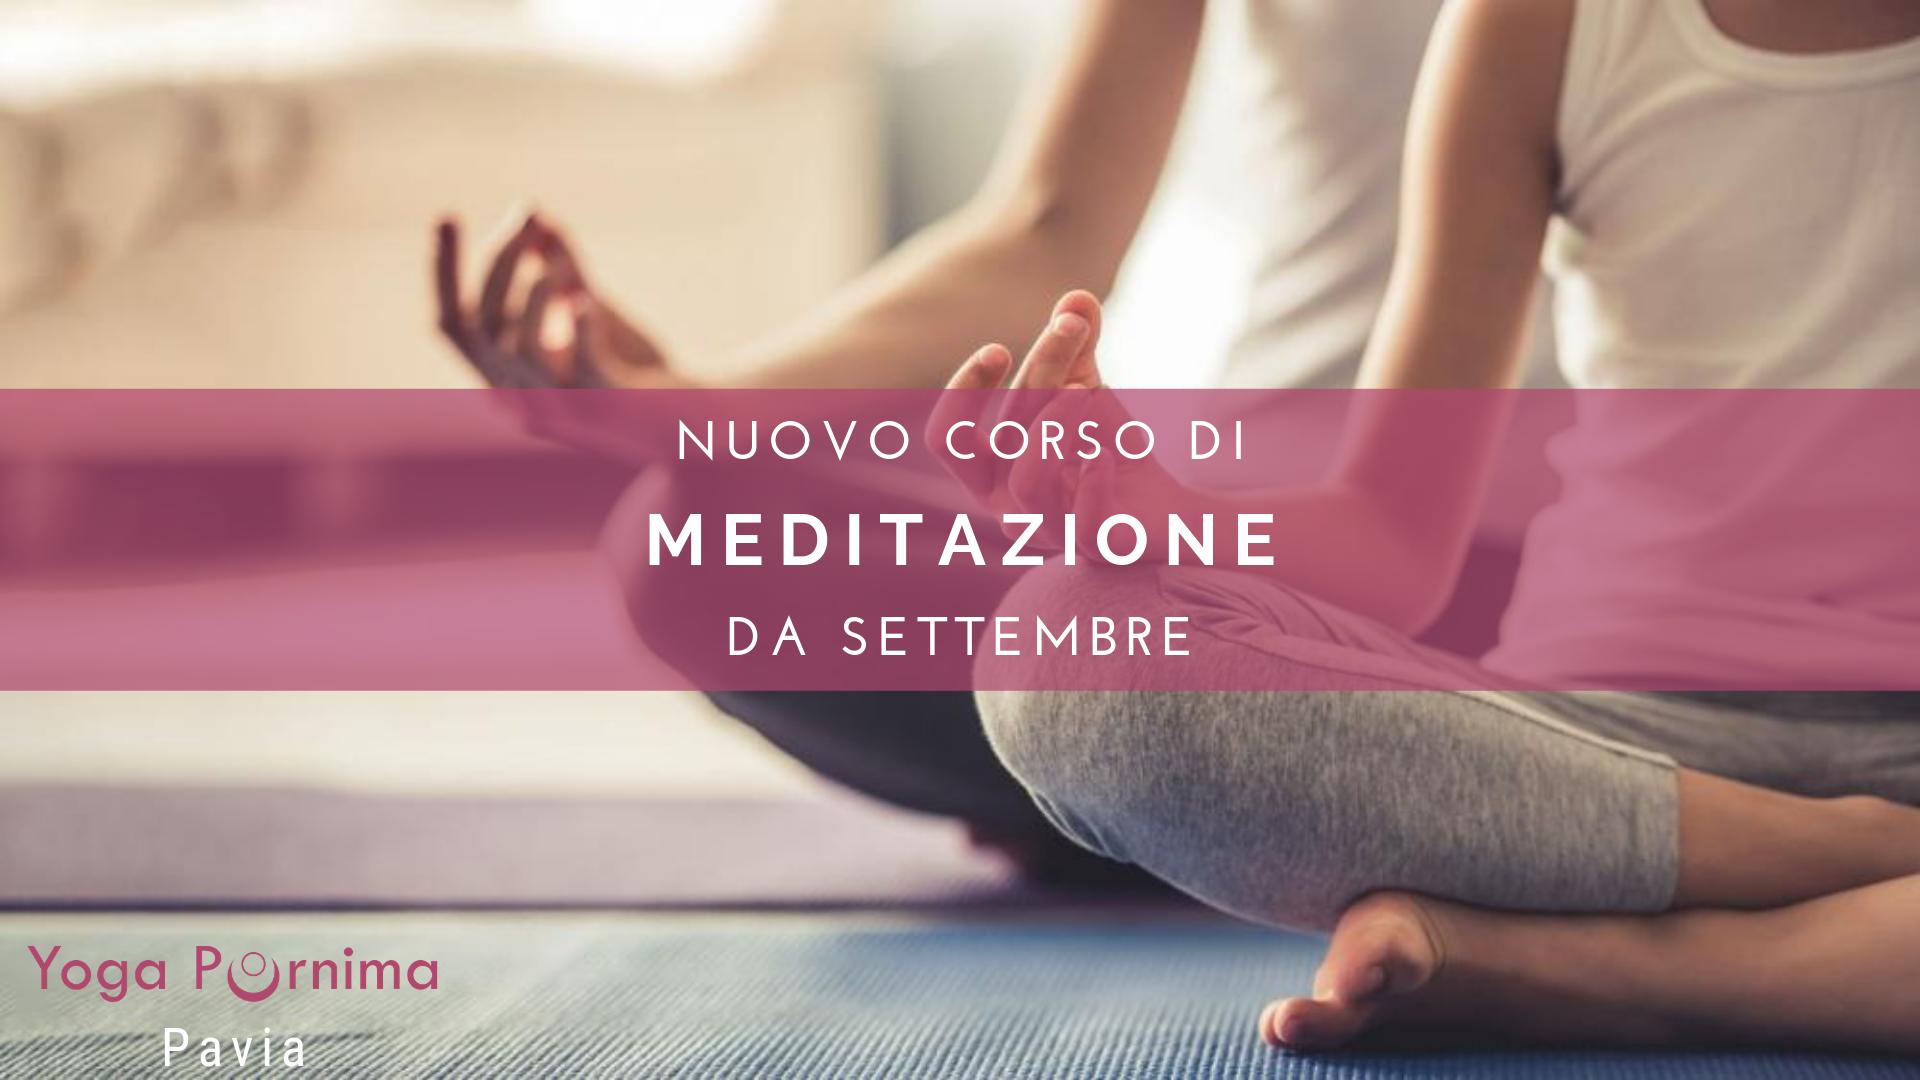 Nuovo corso di Meditazione